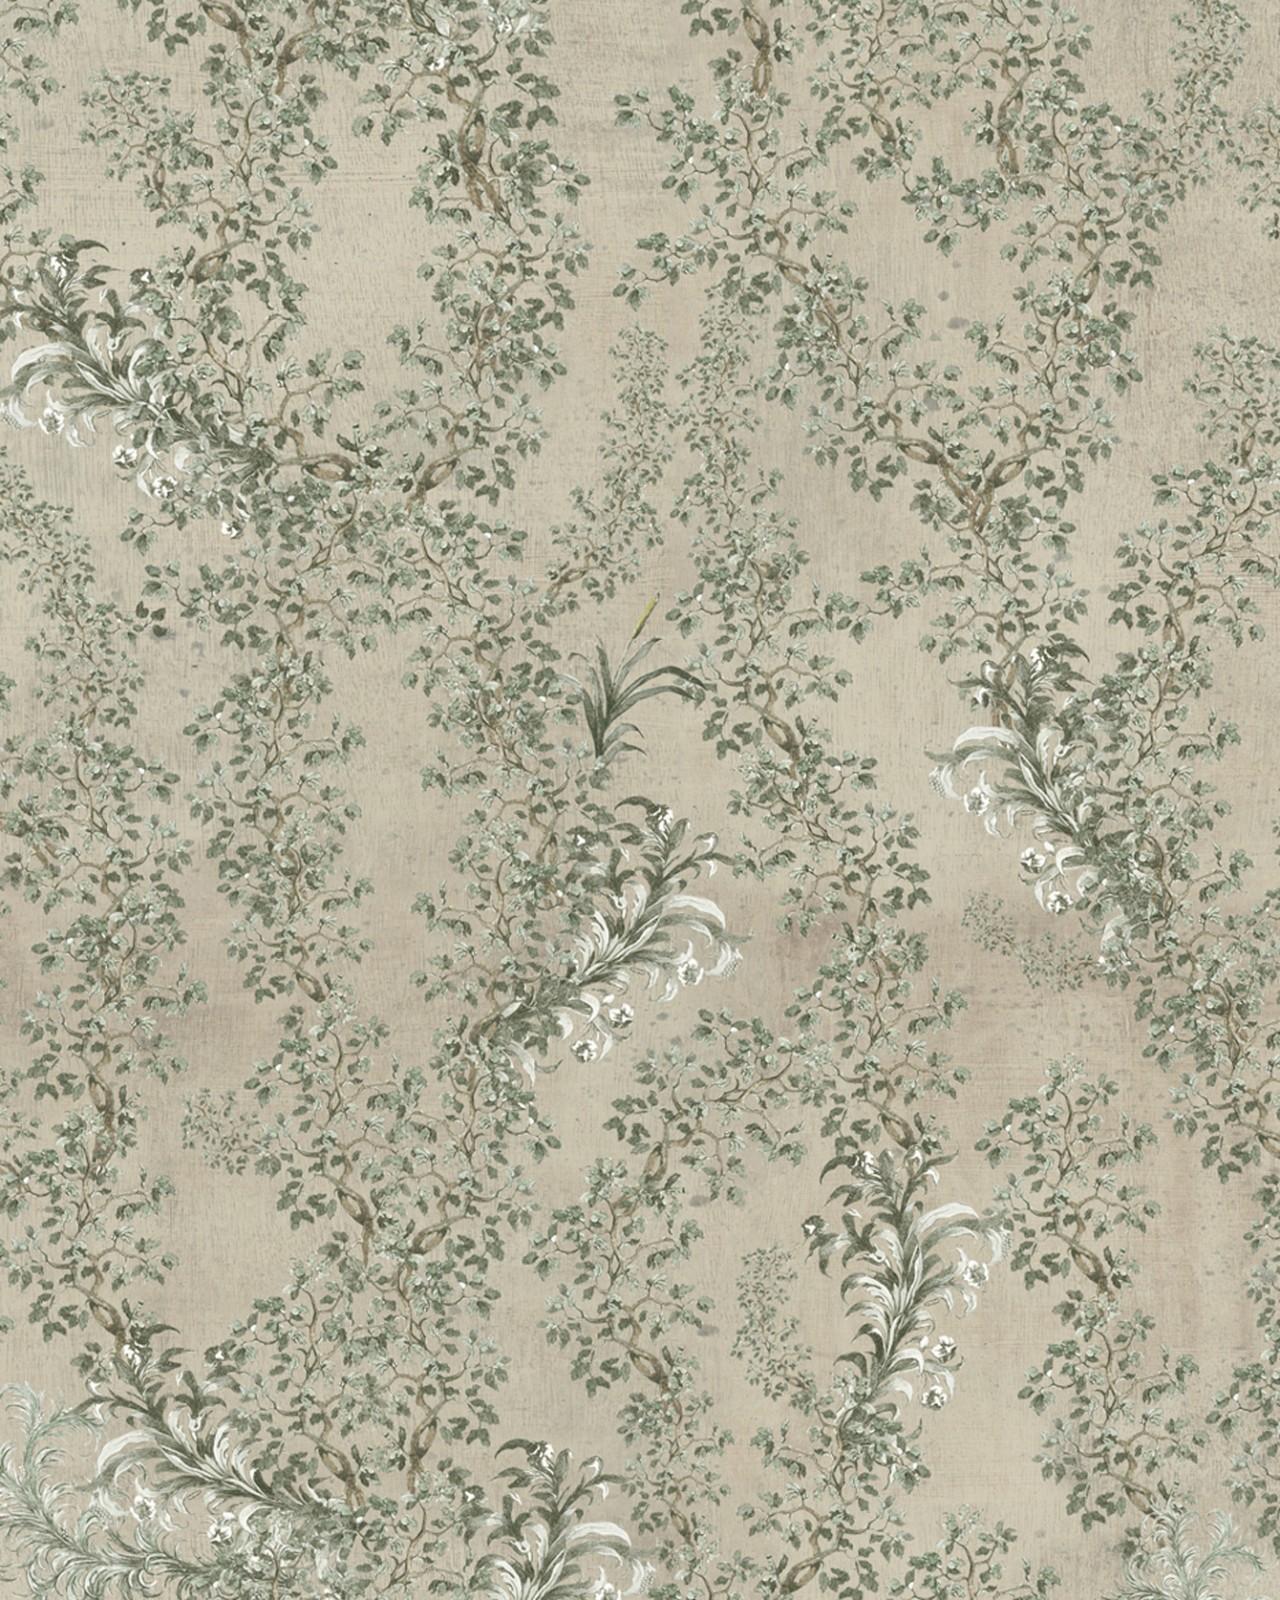 SOFT LEAVES Wallpaper